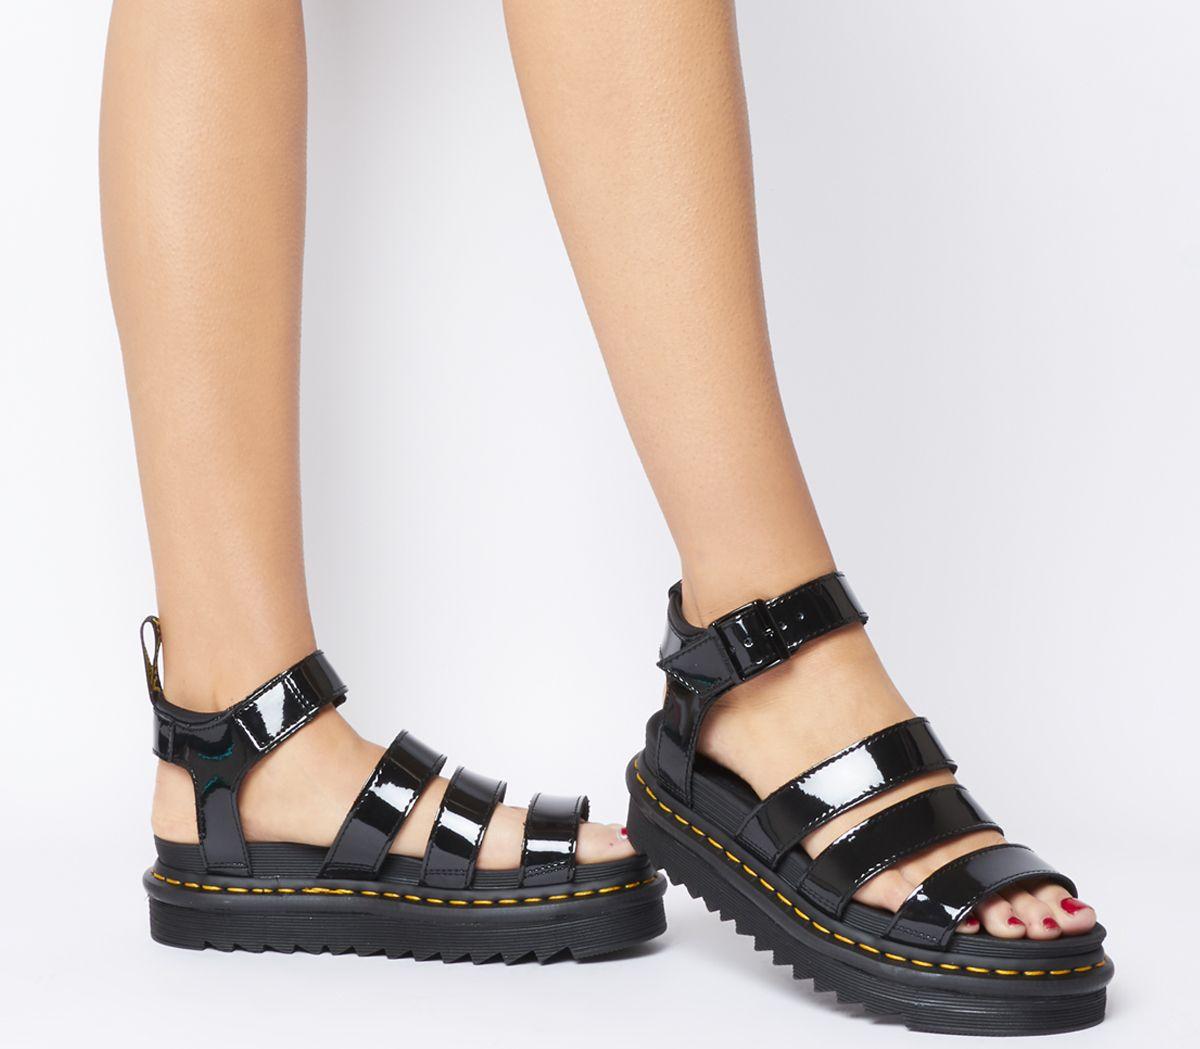 10df40b4 Dr. Martens V Blaire Sandals Black Patent - Sandals